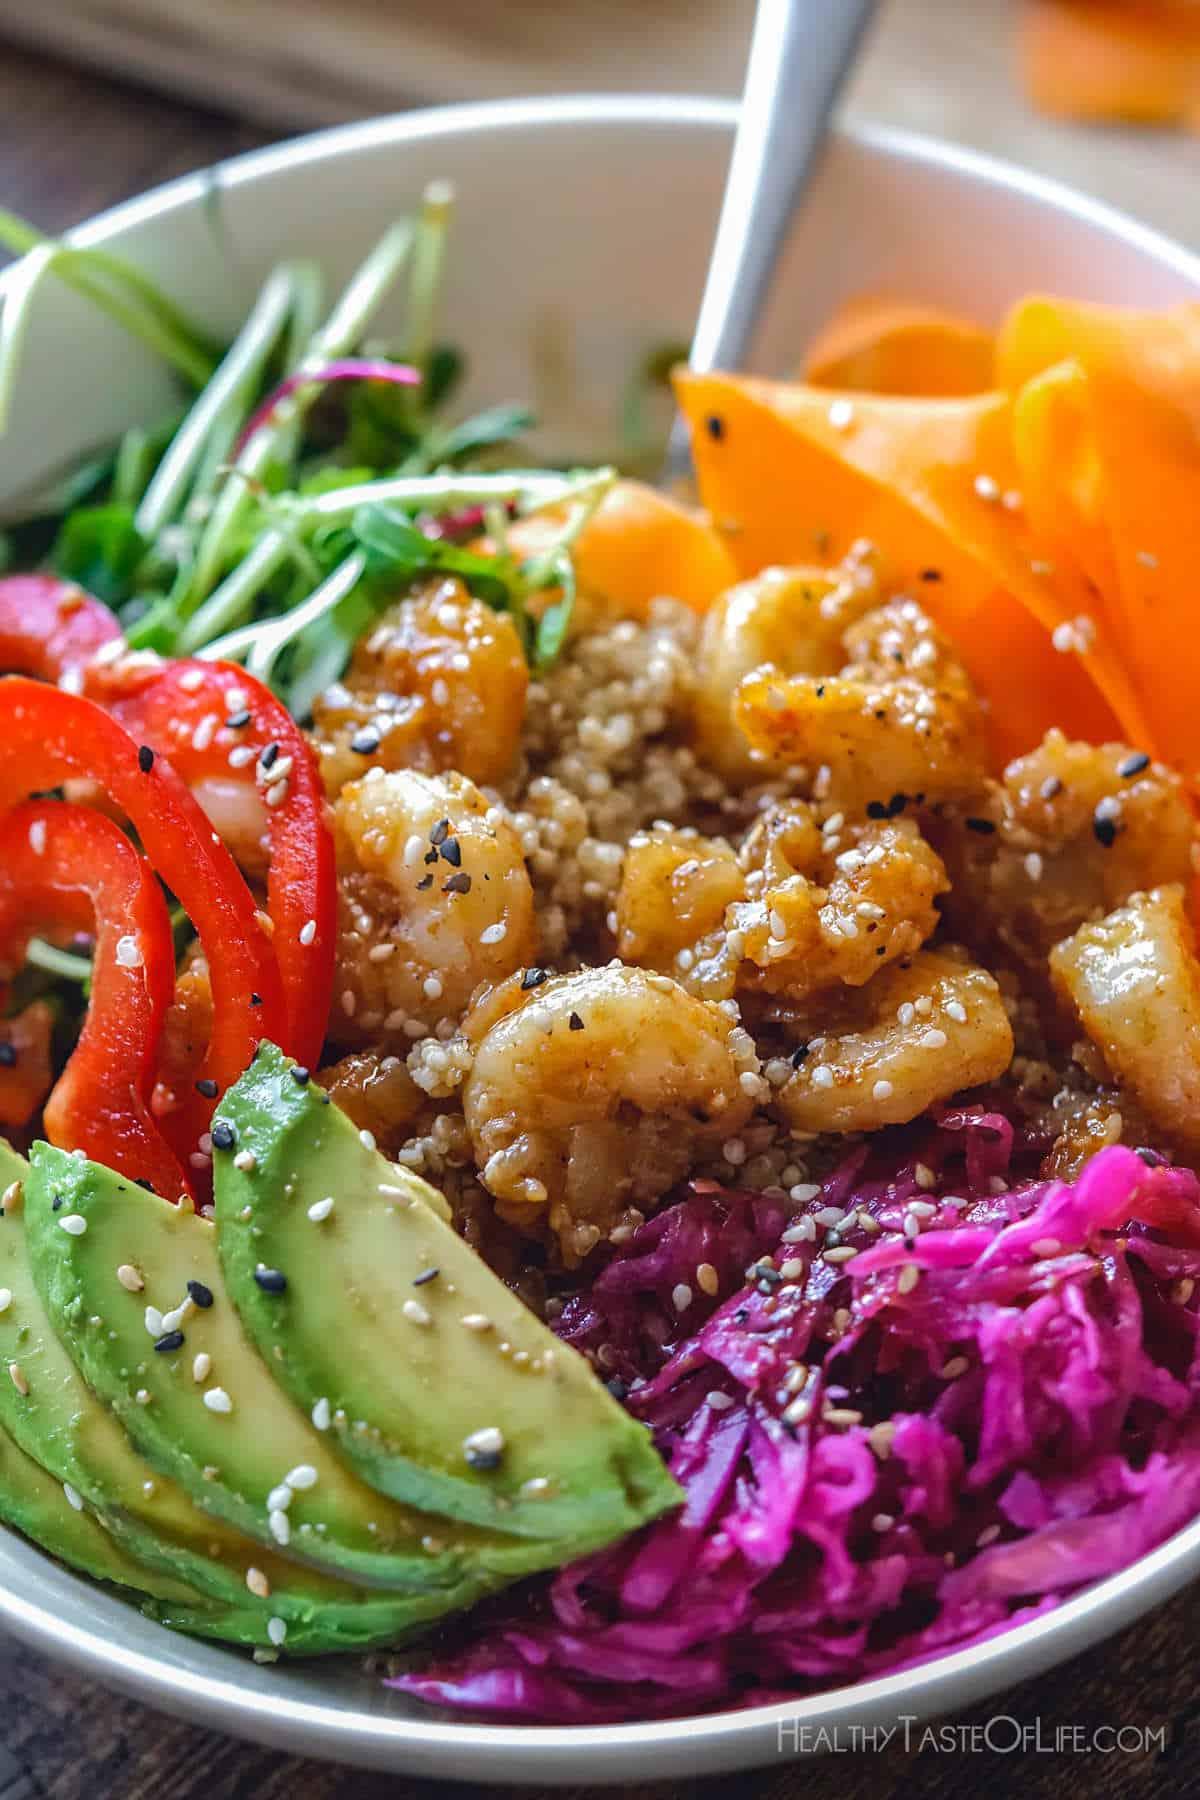 Shrimp quinoa poke bowl with sauce.